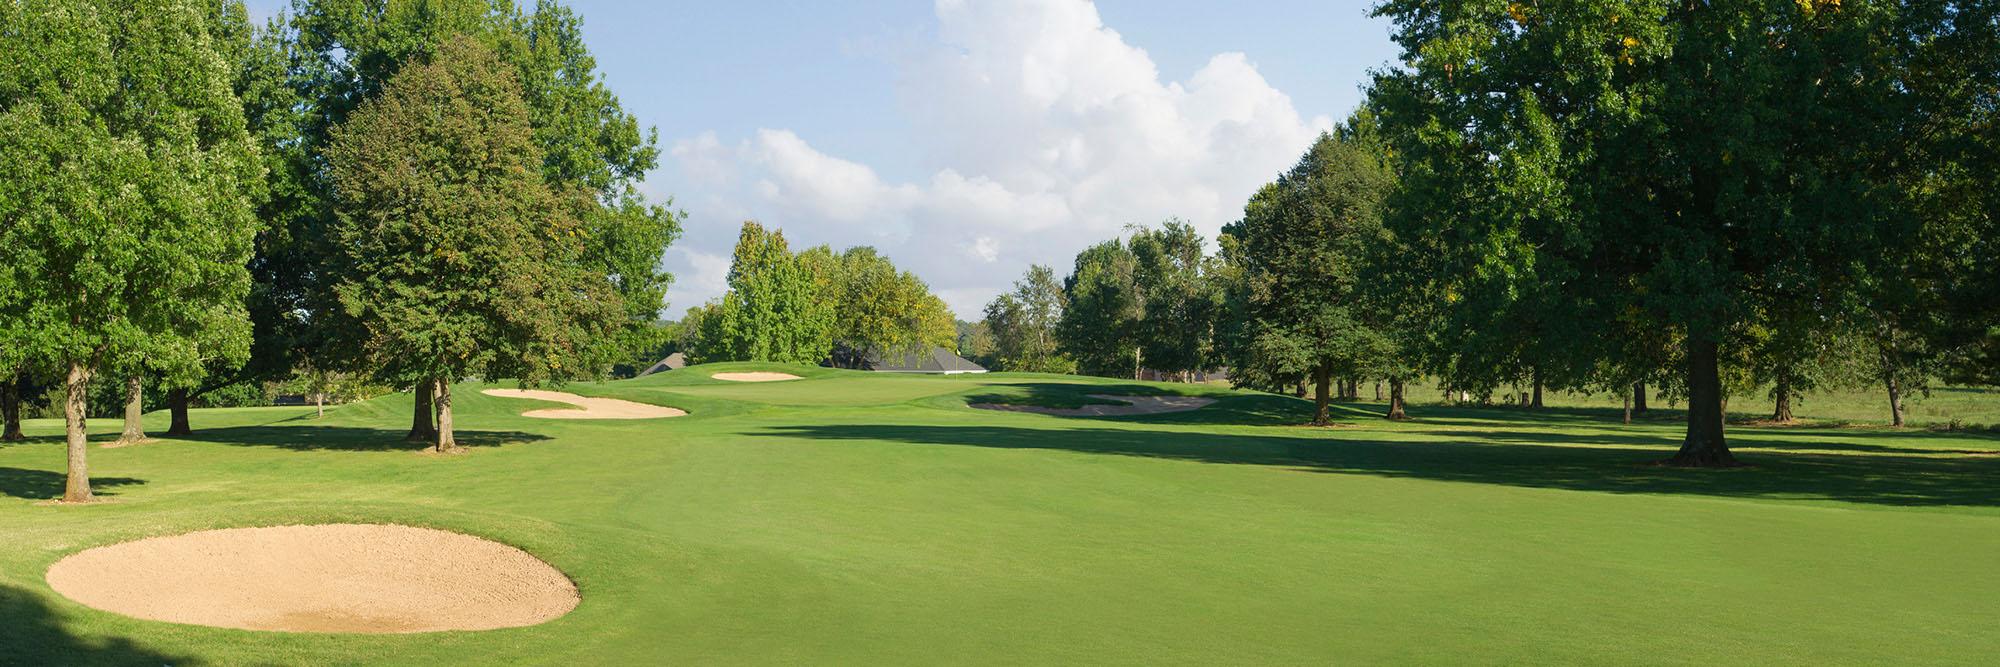 Golf Course Image - Hickory Hills No. 6